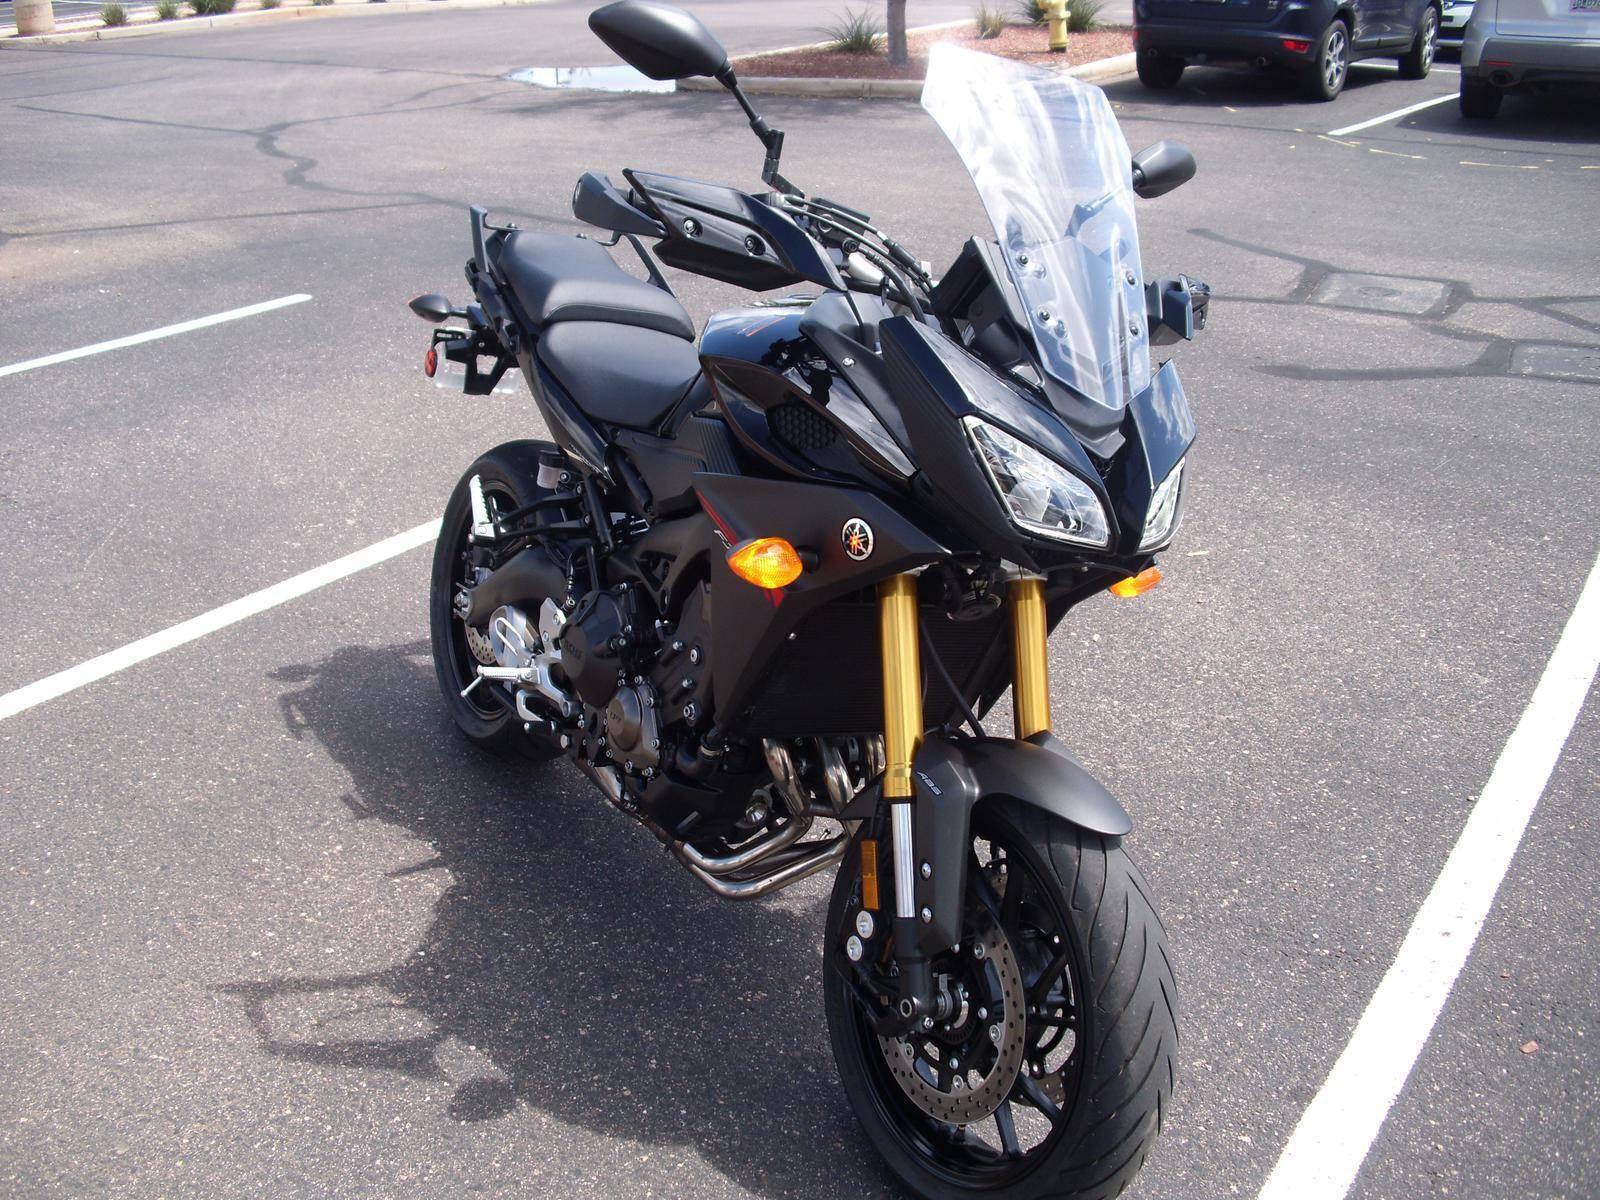 2016 Yamaha FJ-09 8